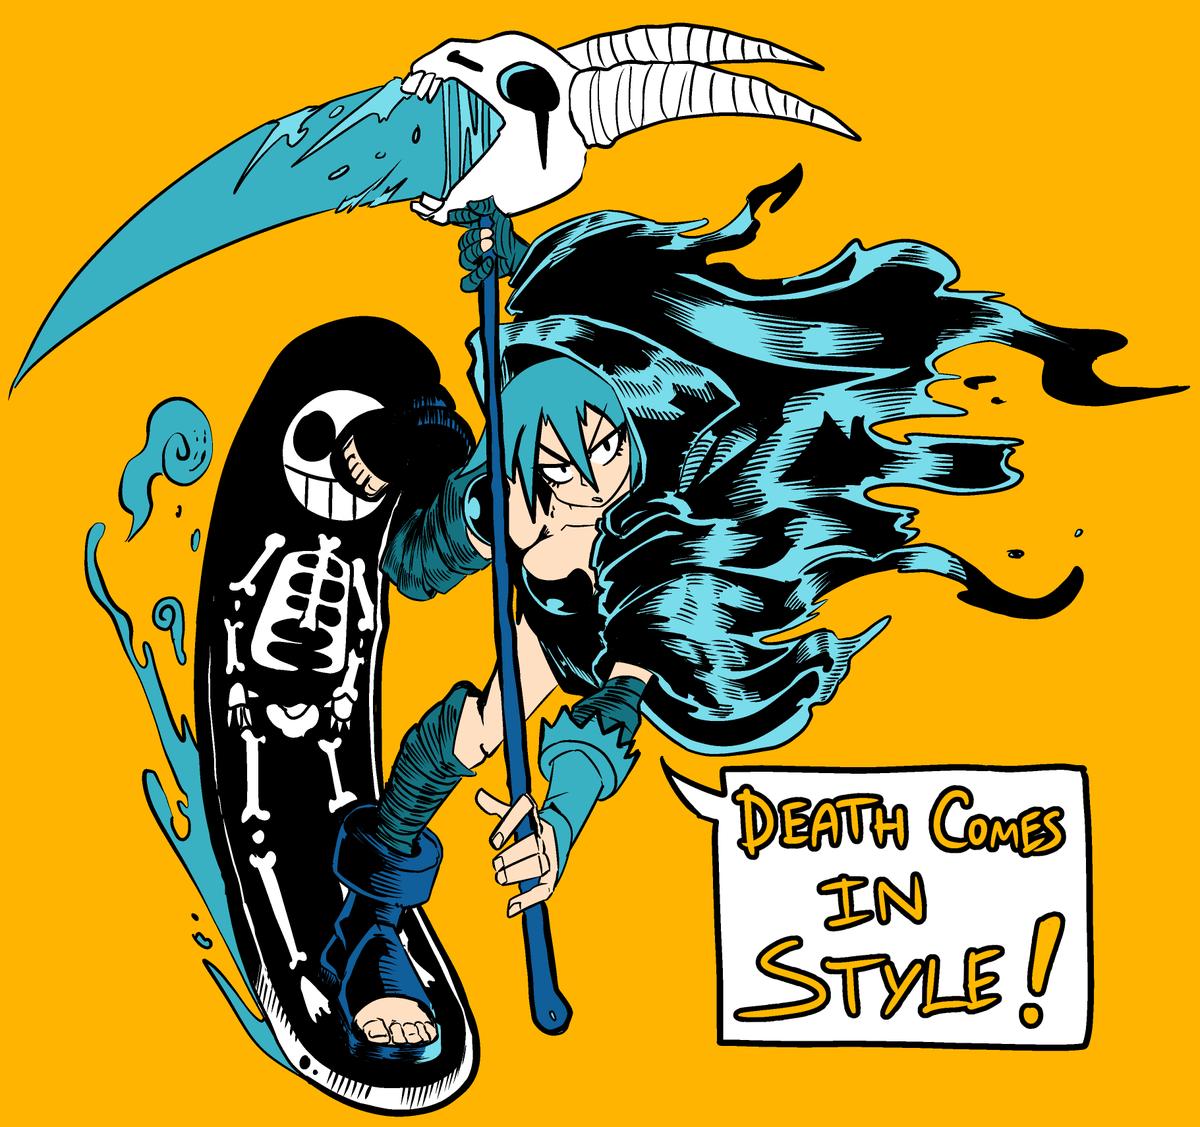 Here comes the reaper ! #oc #originalcharacter #art pic.twitter.com/UKIzxpI6pQ